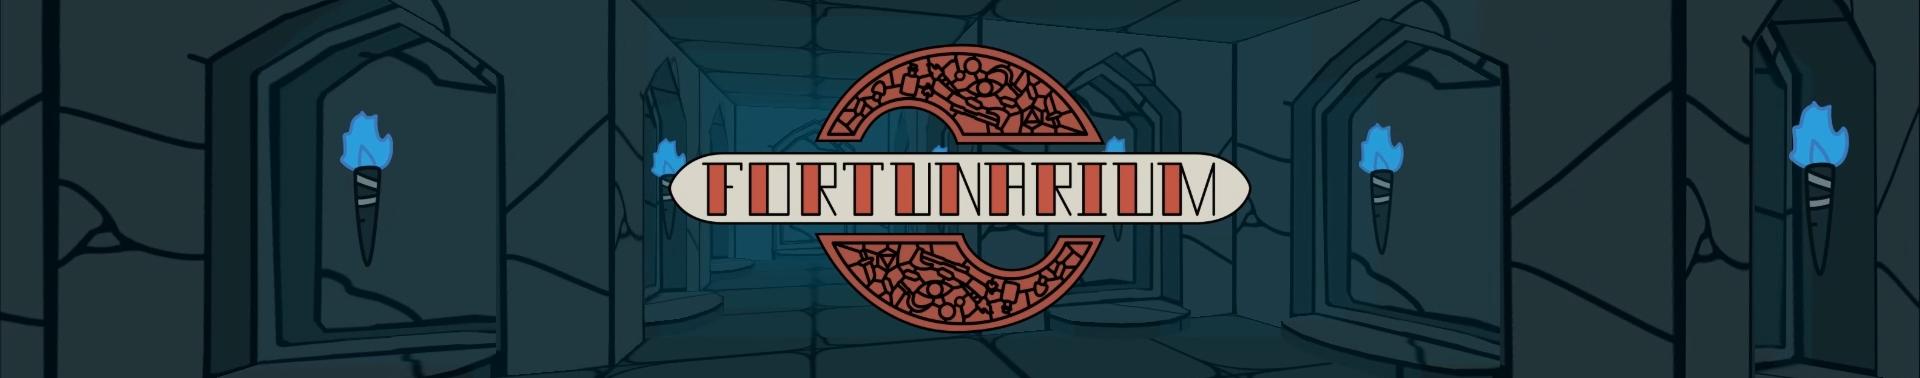 Fortunarium